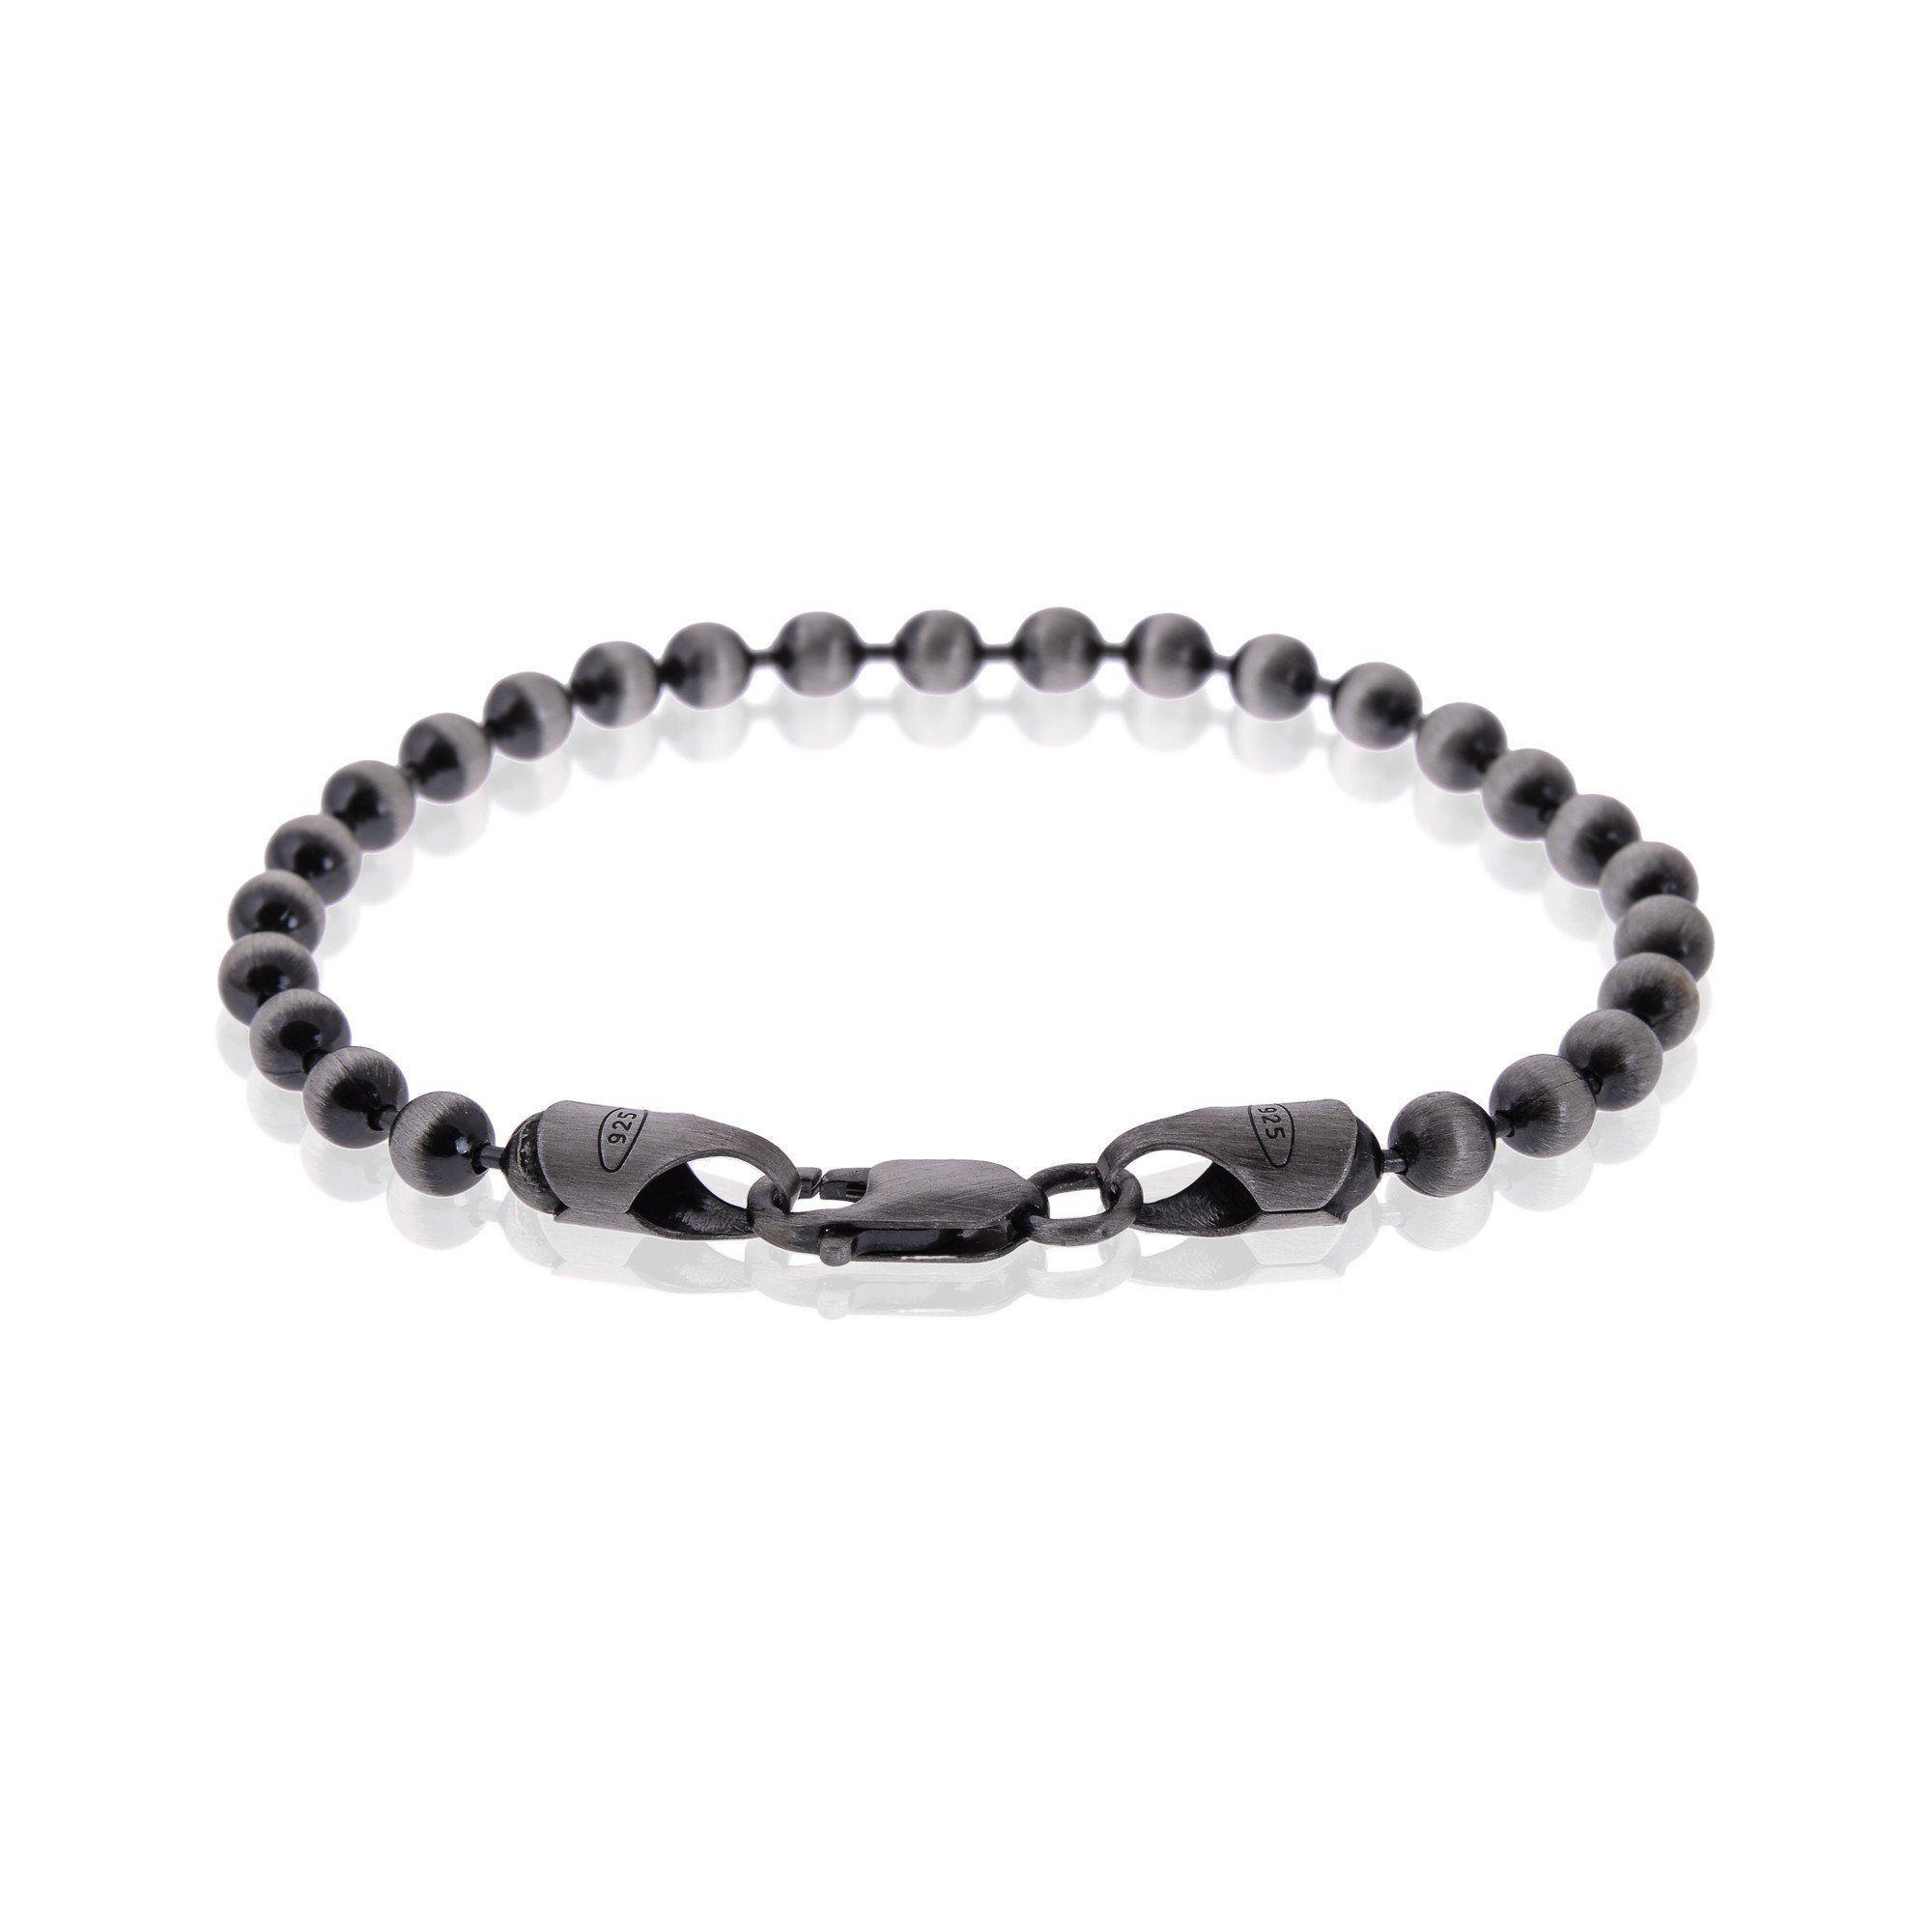 812d1a5e764 Men's Sterling Silver Ball Chain Bracelet | Shop Our Pins ...